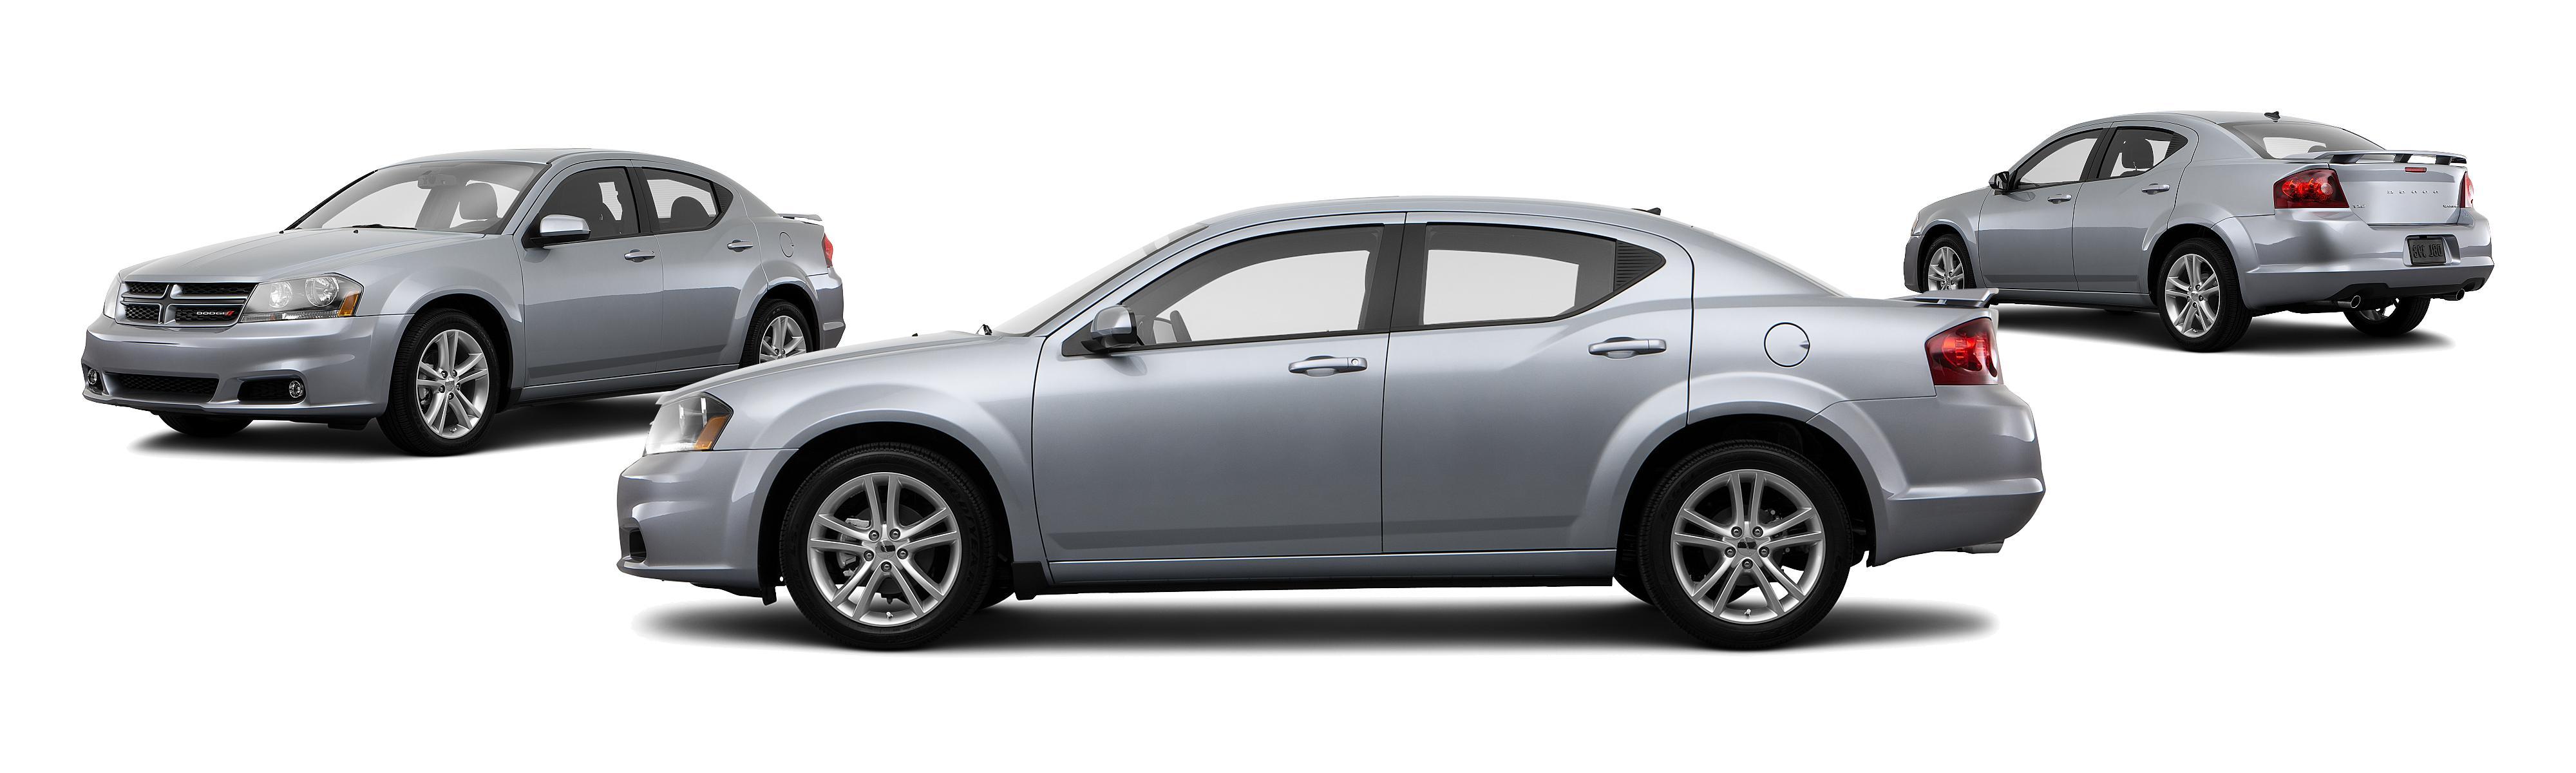 2014 dodge avenger sxt 4dr sedan - research - groovecar